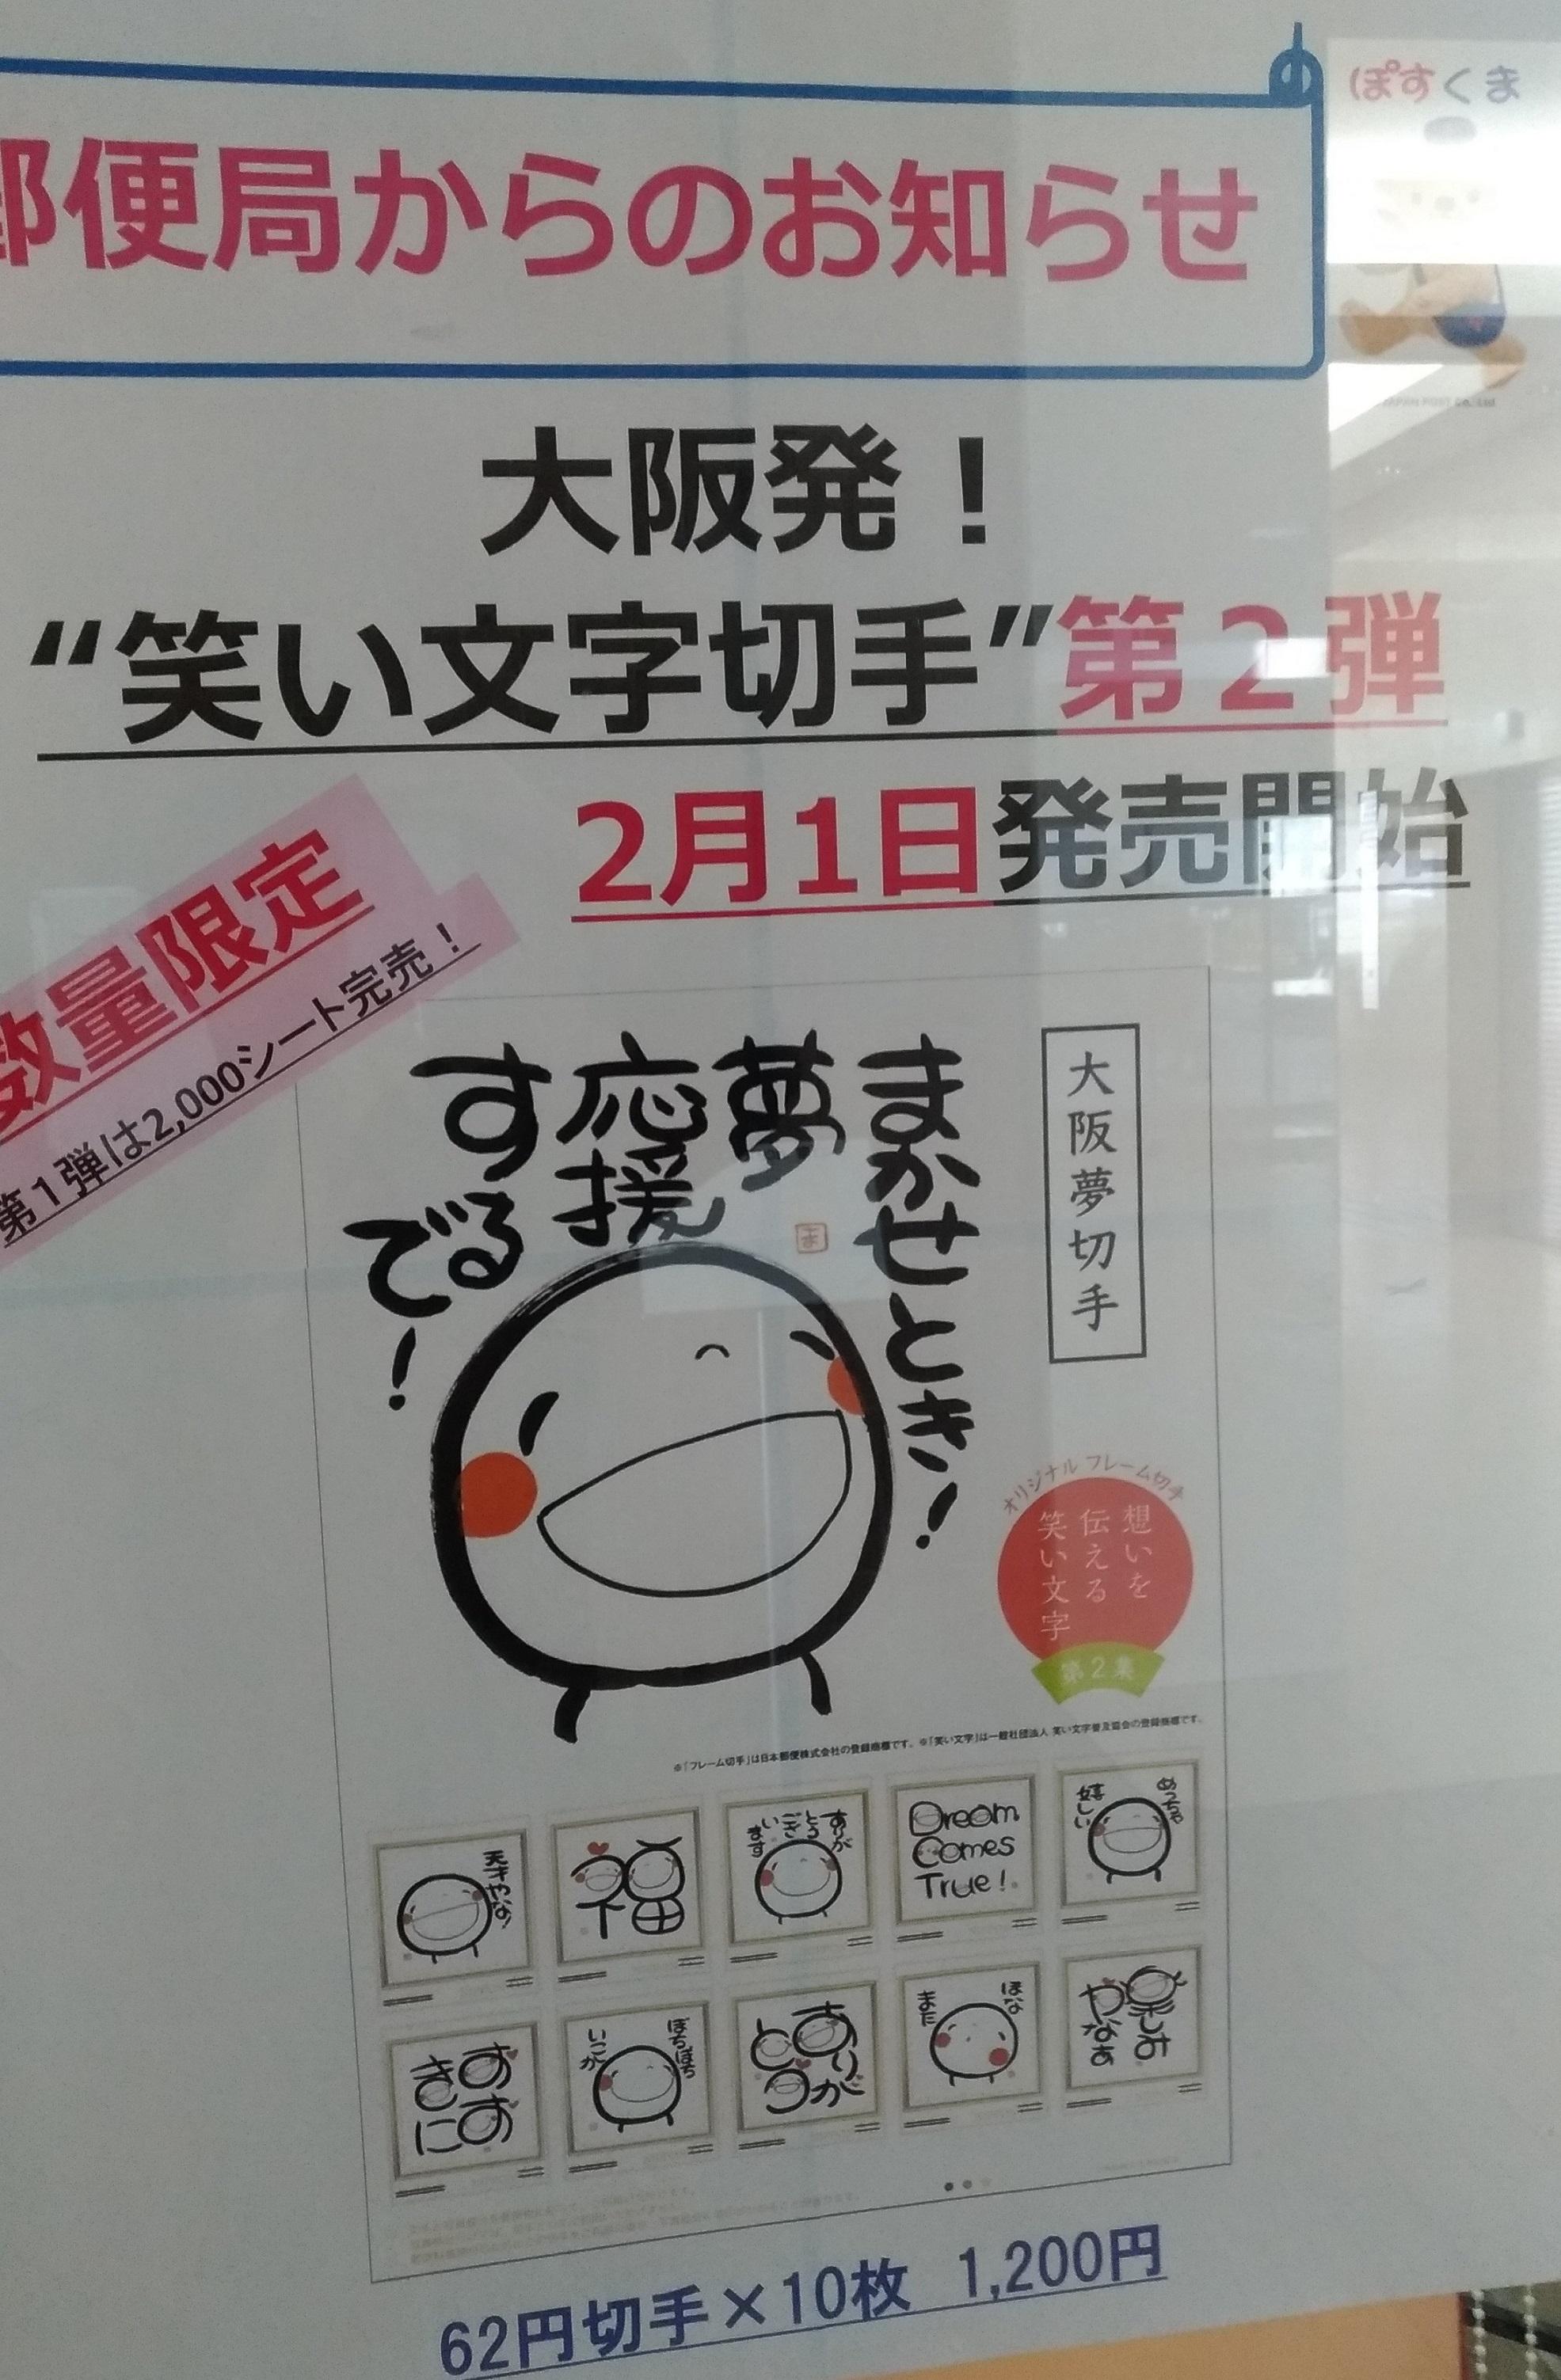 osaka_kitte_owarai_moji.jpg